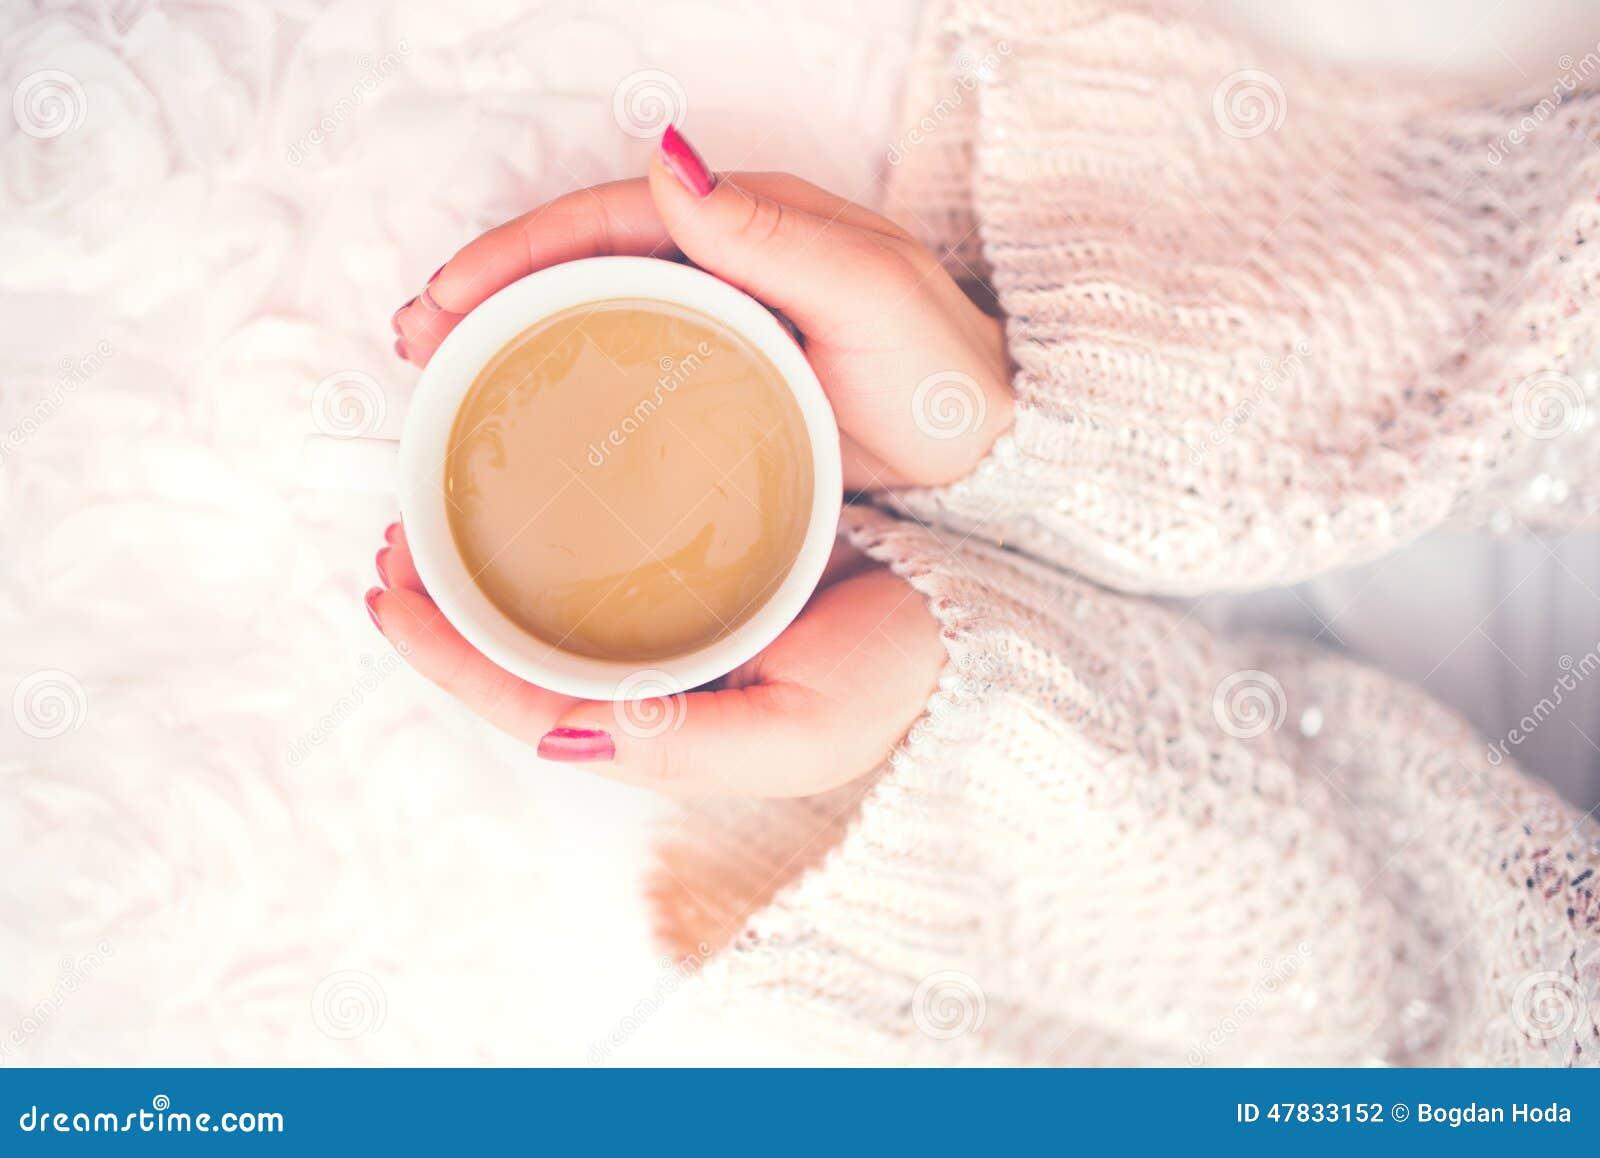 妇女在一个冬天递拿着一个杯子热的咖啡,浓咖啡,冷的天